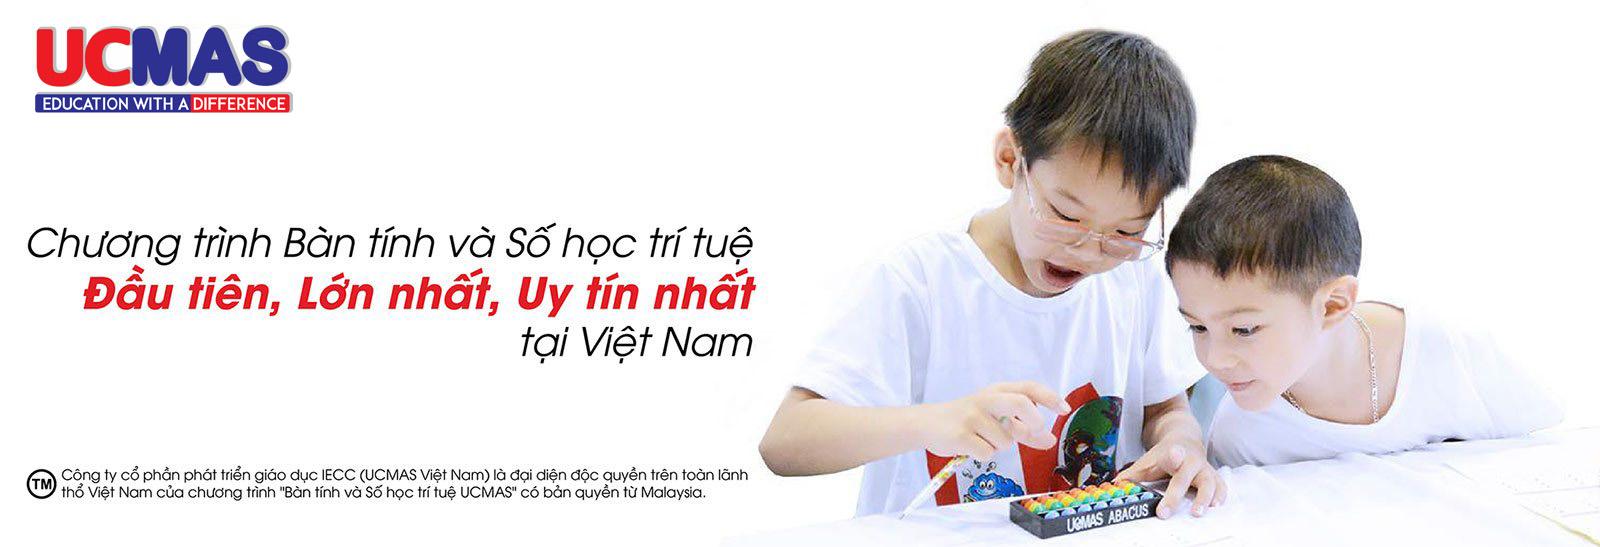 """Chương trình """" Bàn tính và Số học trí tuệ"""" đầu tiên, lớn nhất và uy tín nhất tại Việt Nam"""